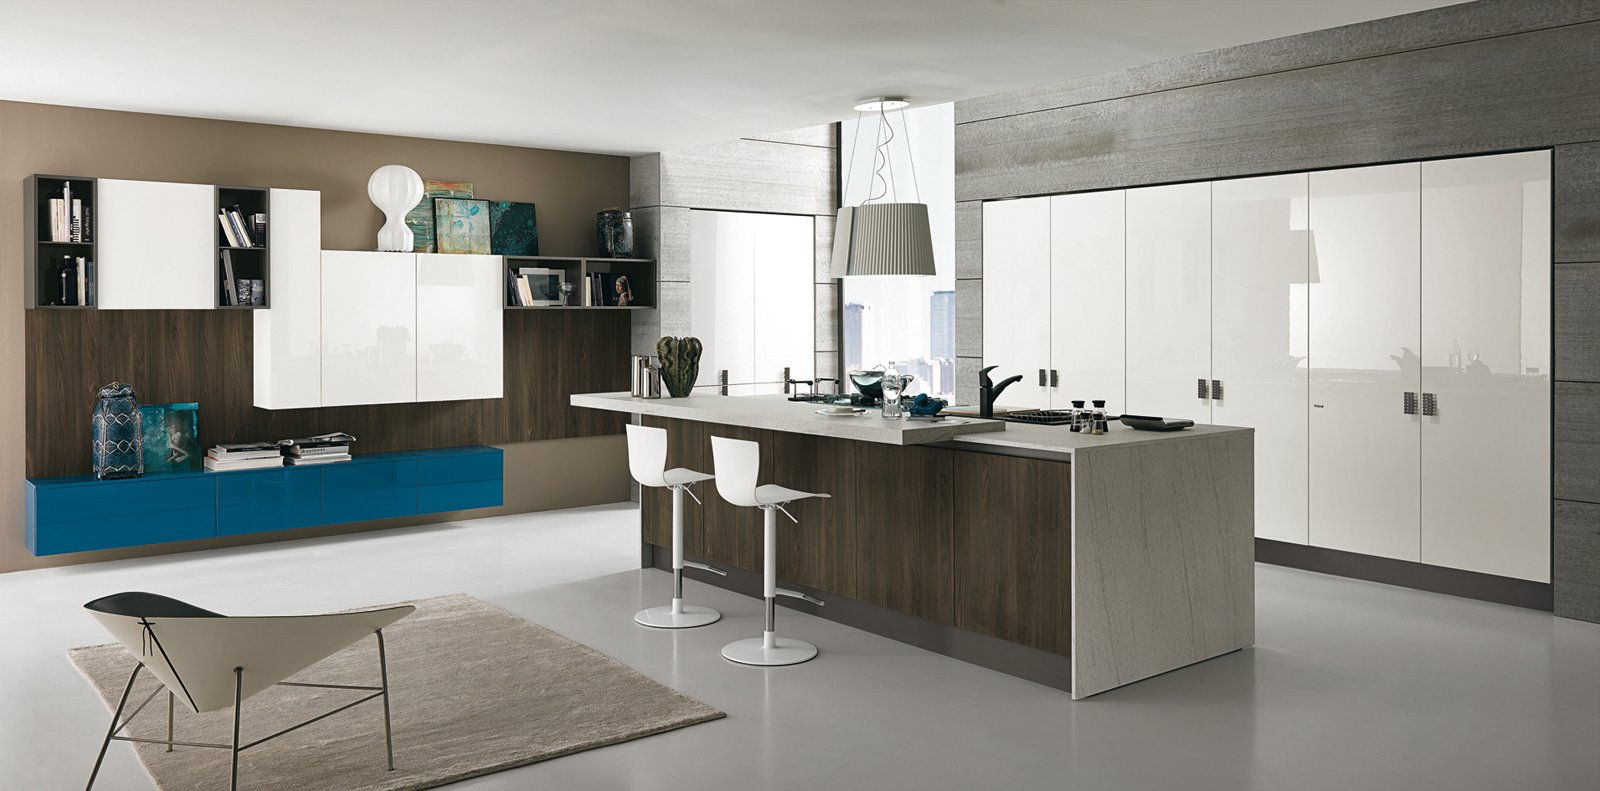 Cucine con isola cose di casa - Cucine moderne con isola lube ...